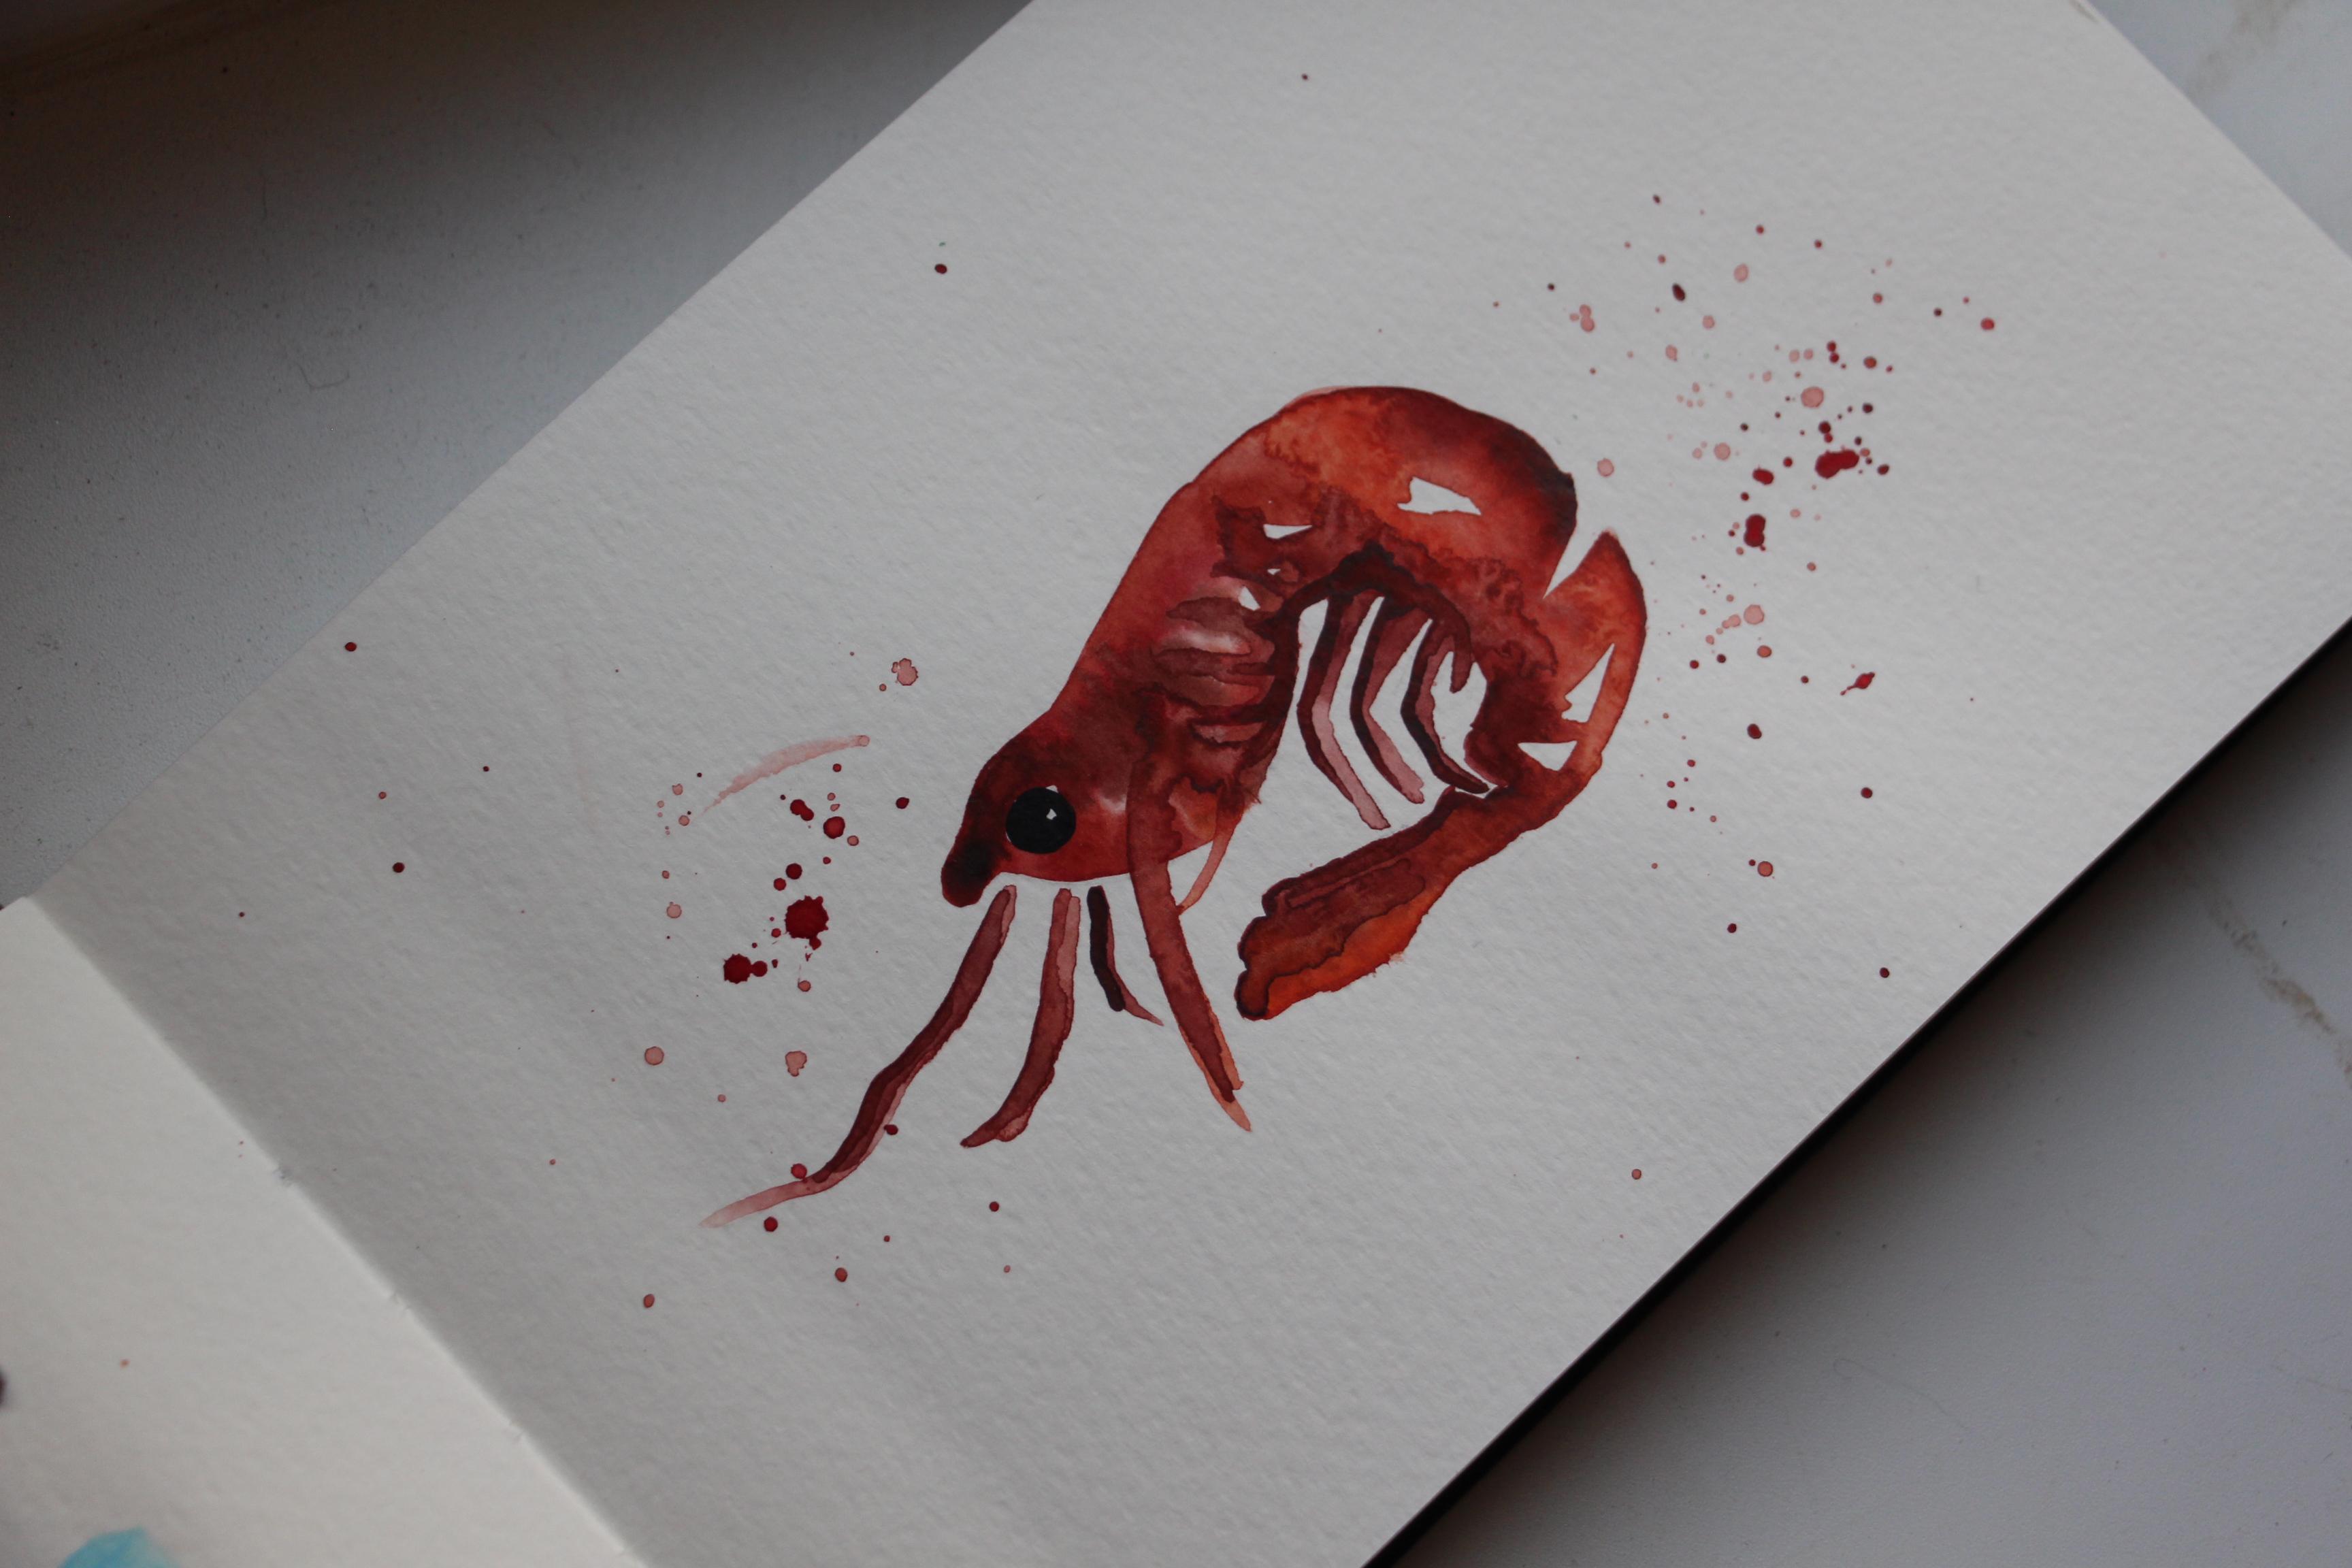 Shrimp Watercolor Angelina Dederer